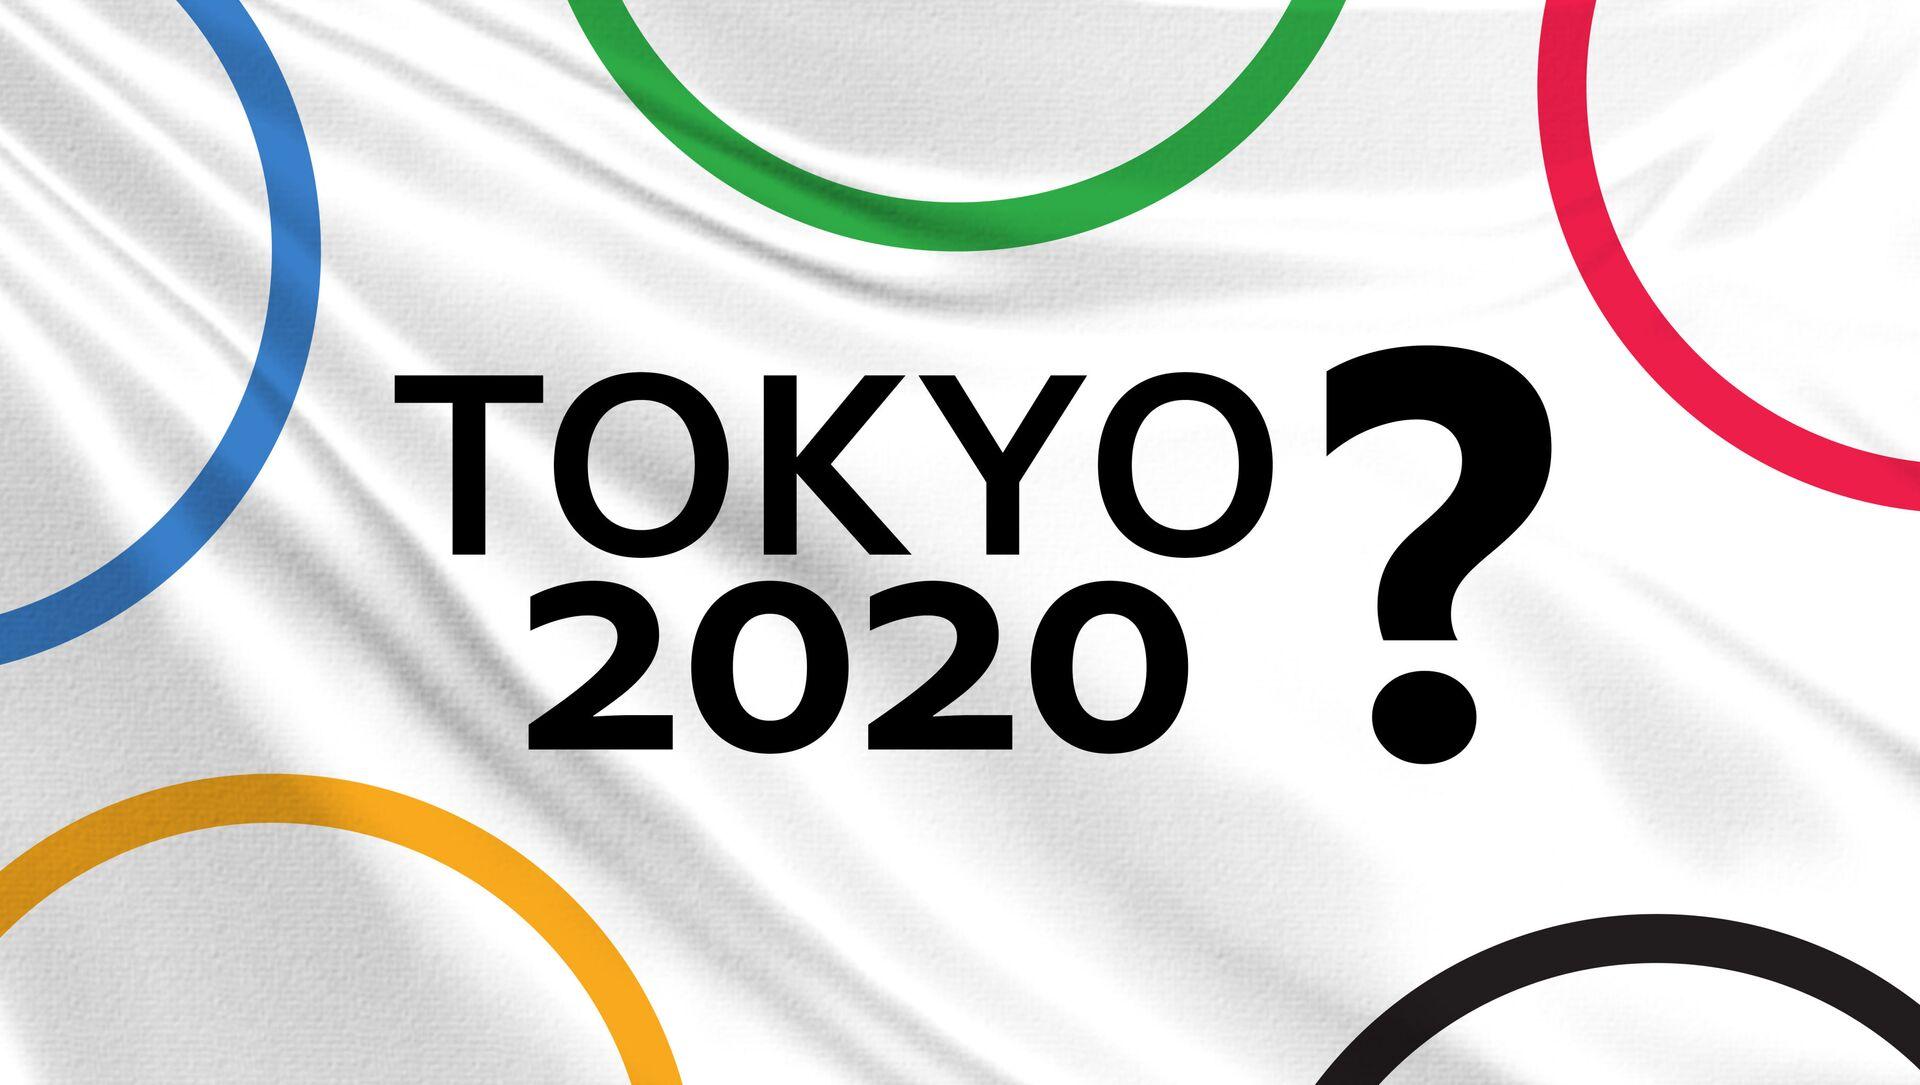 東京五輪 - Sputnik 日本, 1920, 27.05.2021